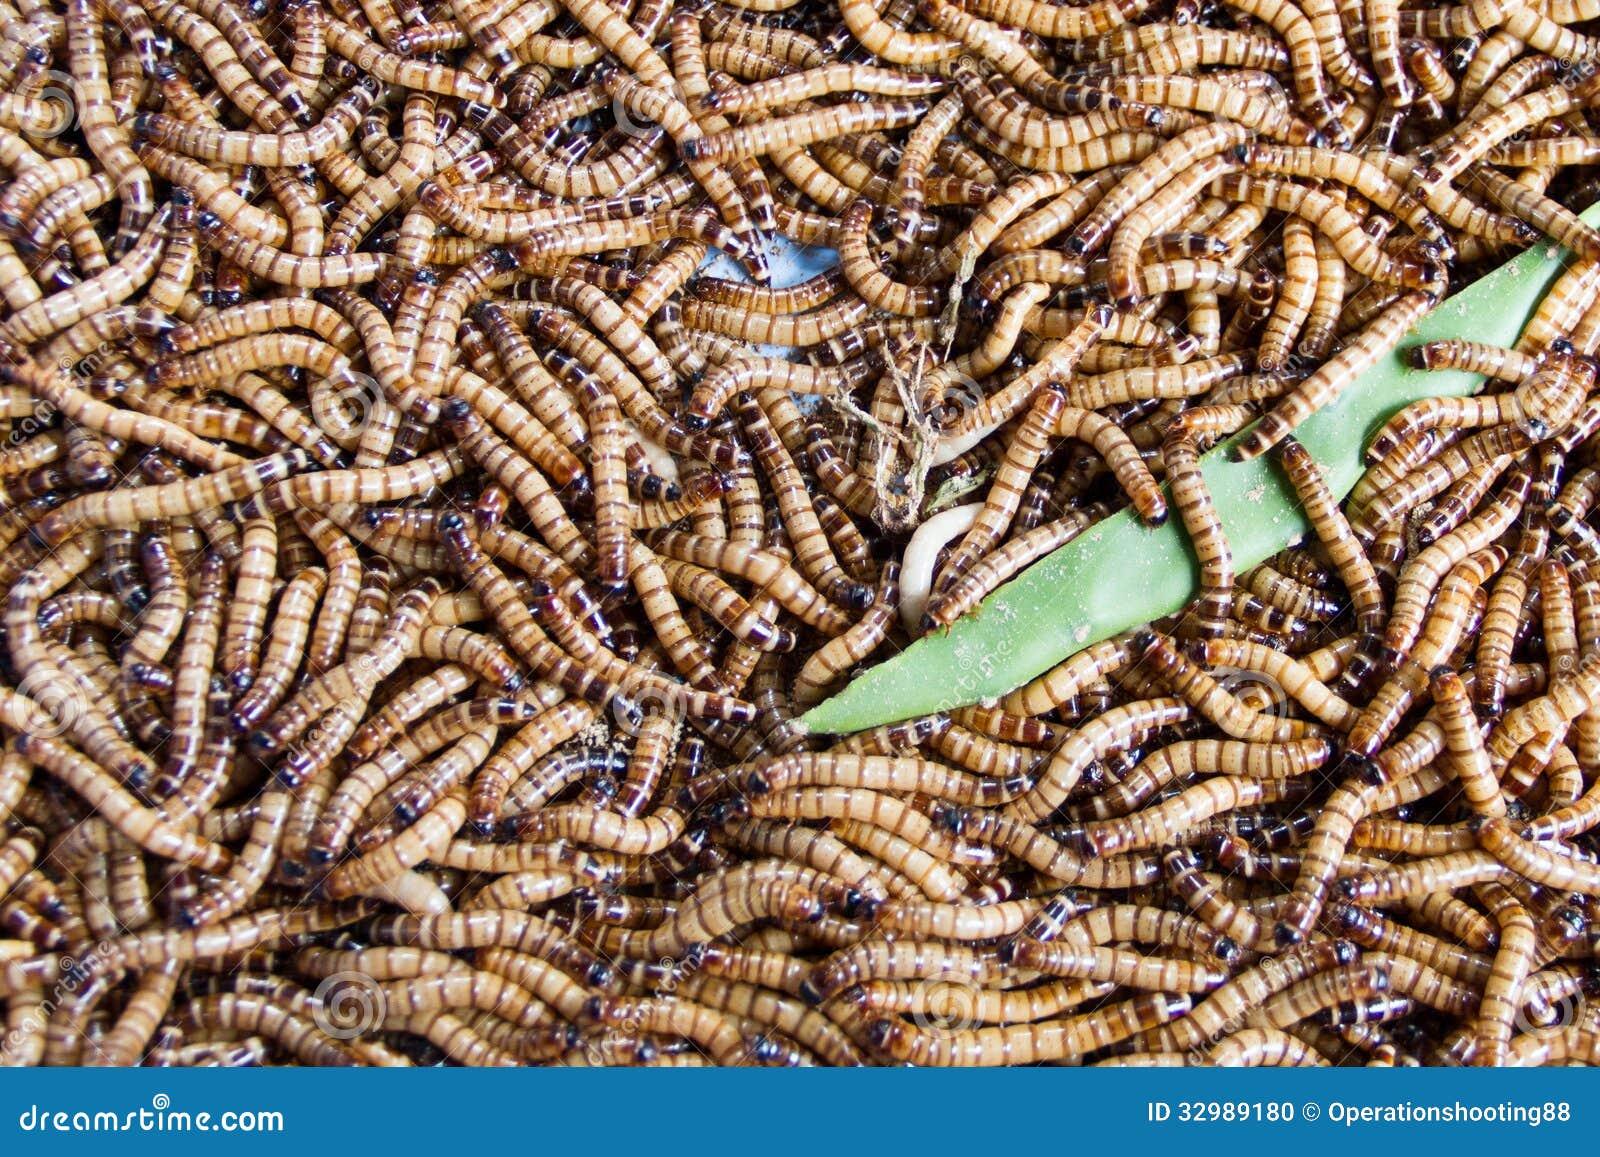 食人蠕虫_蠕虫